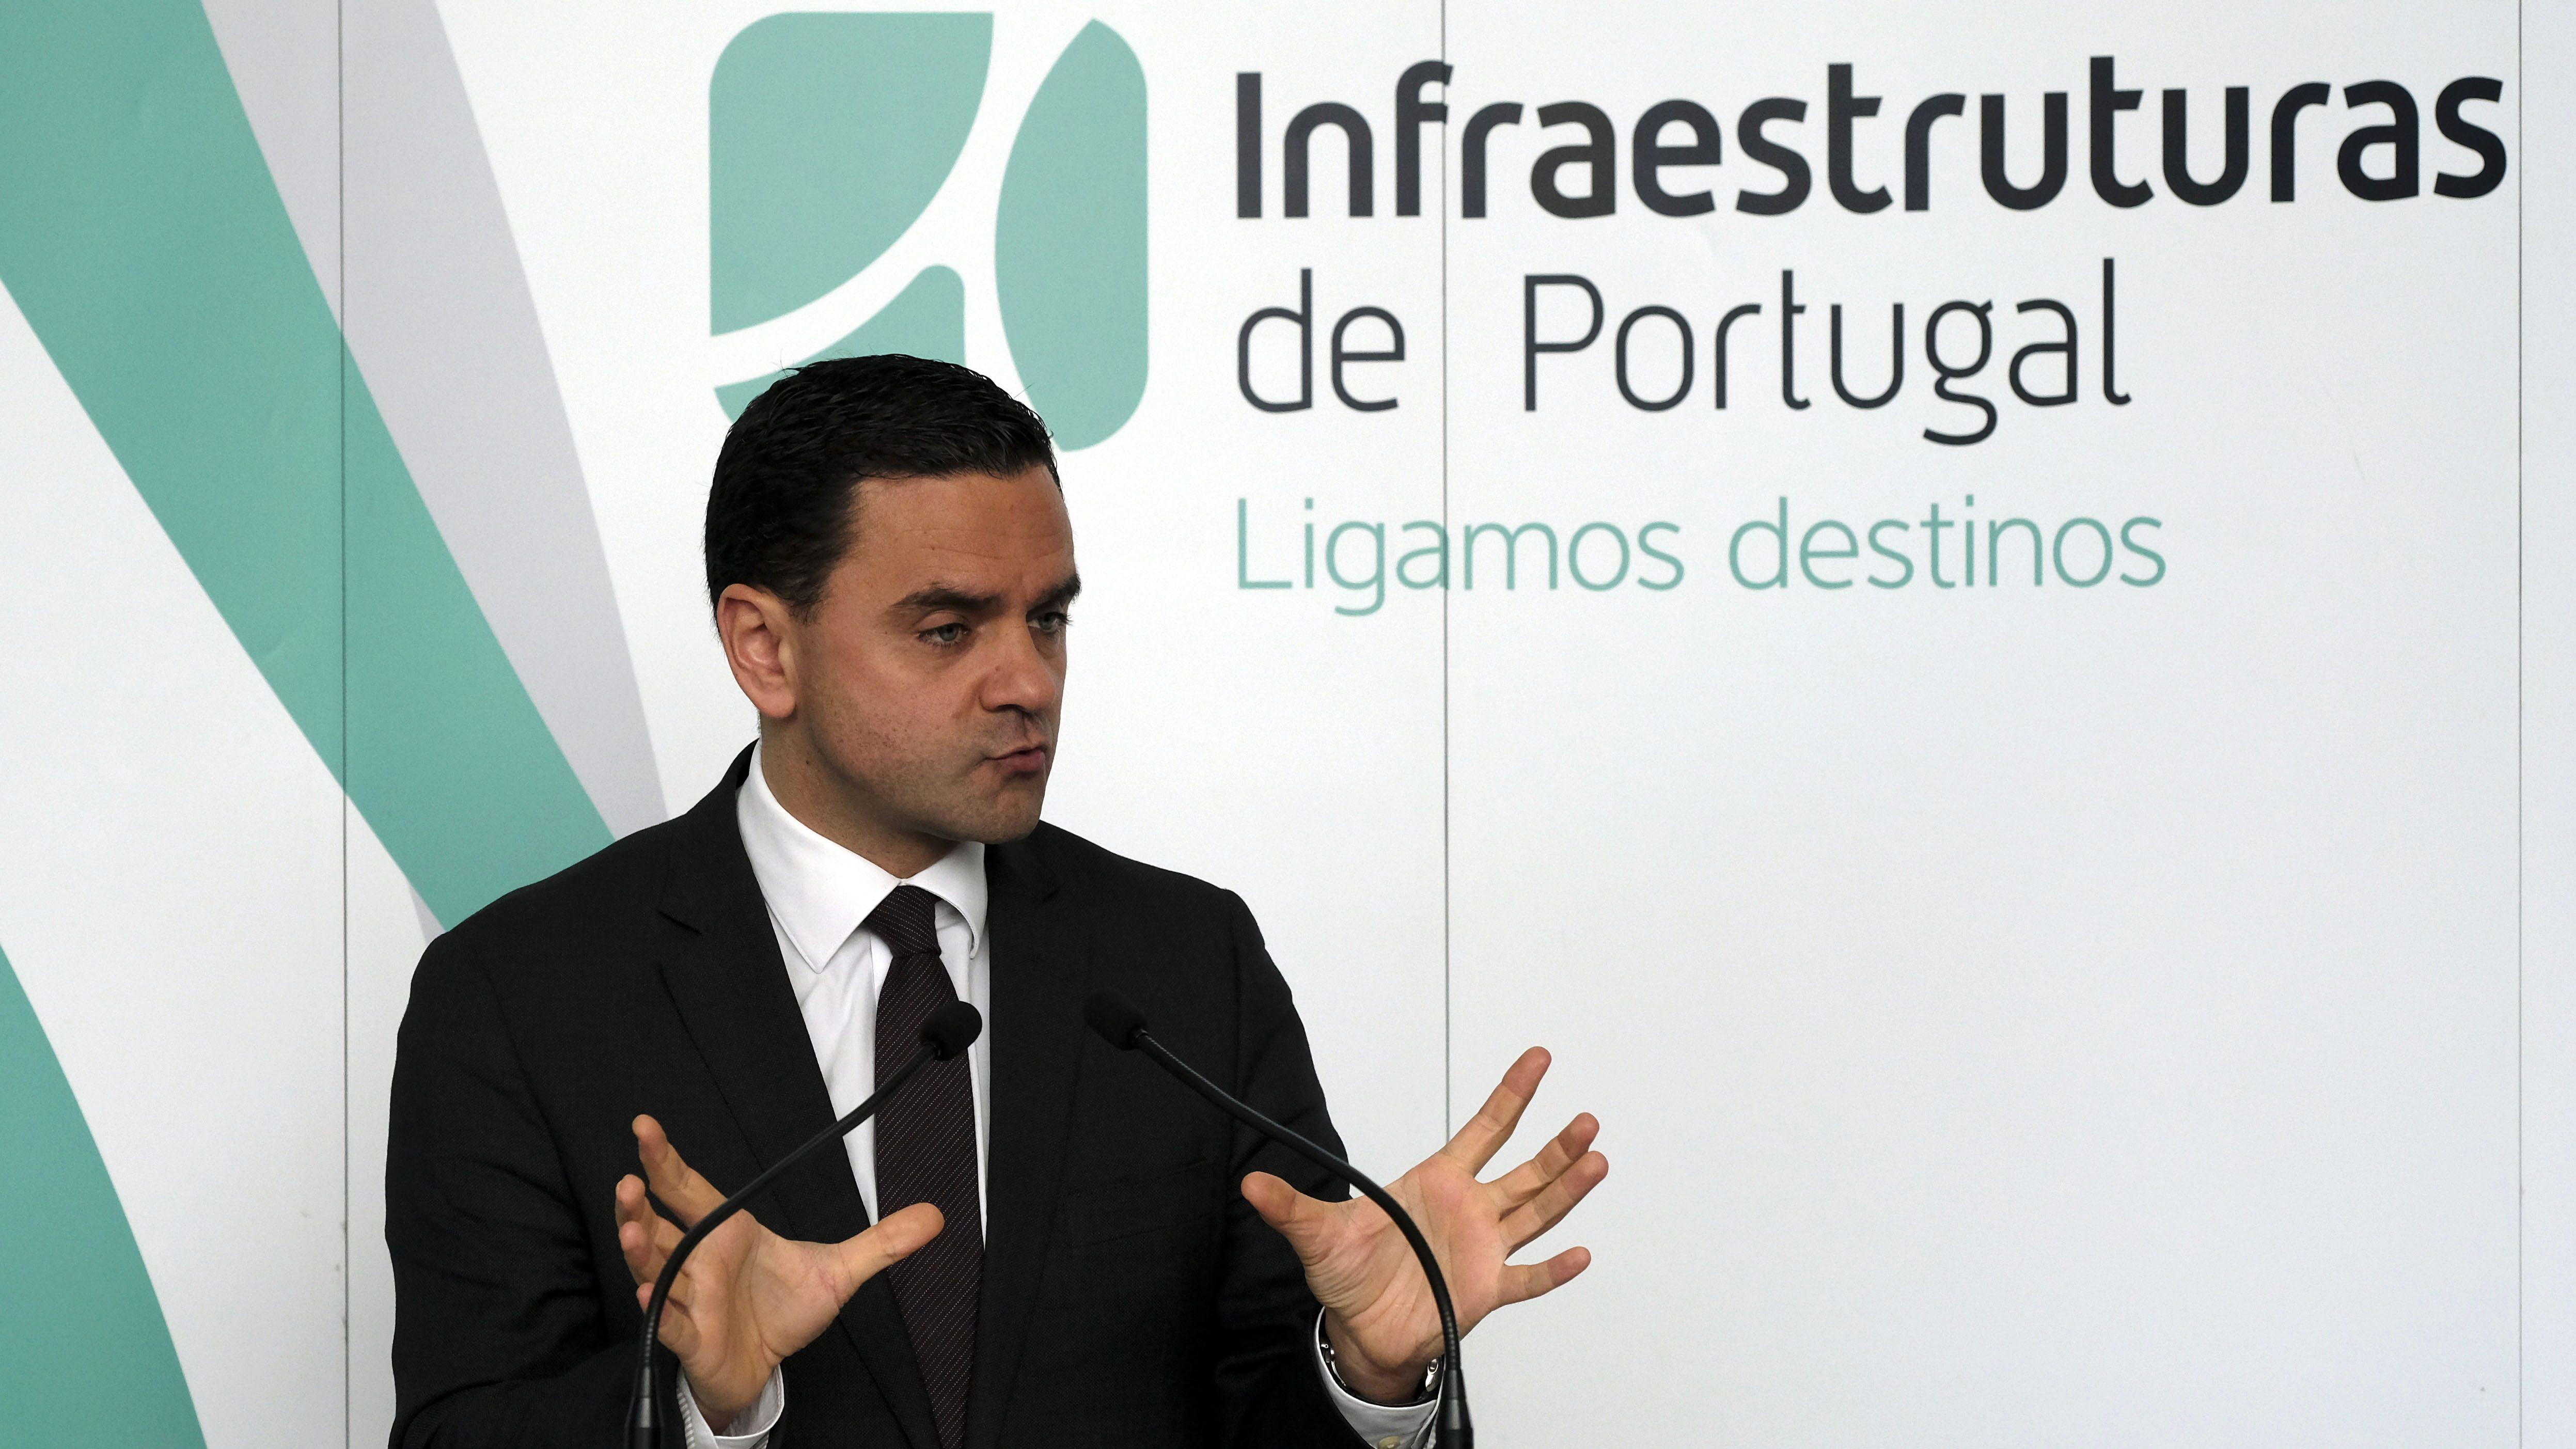 Infraestruturas de Portugal faz aumento de capital de 450 milhões